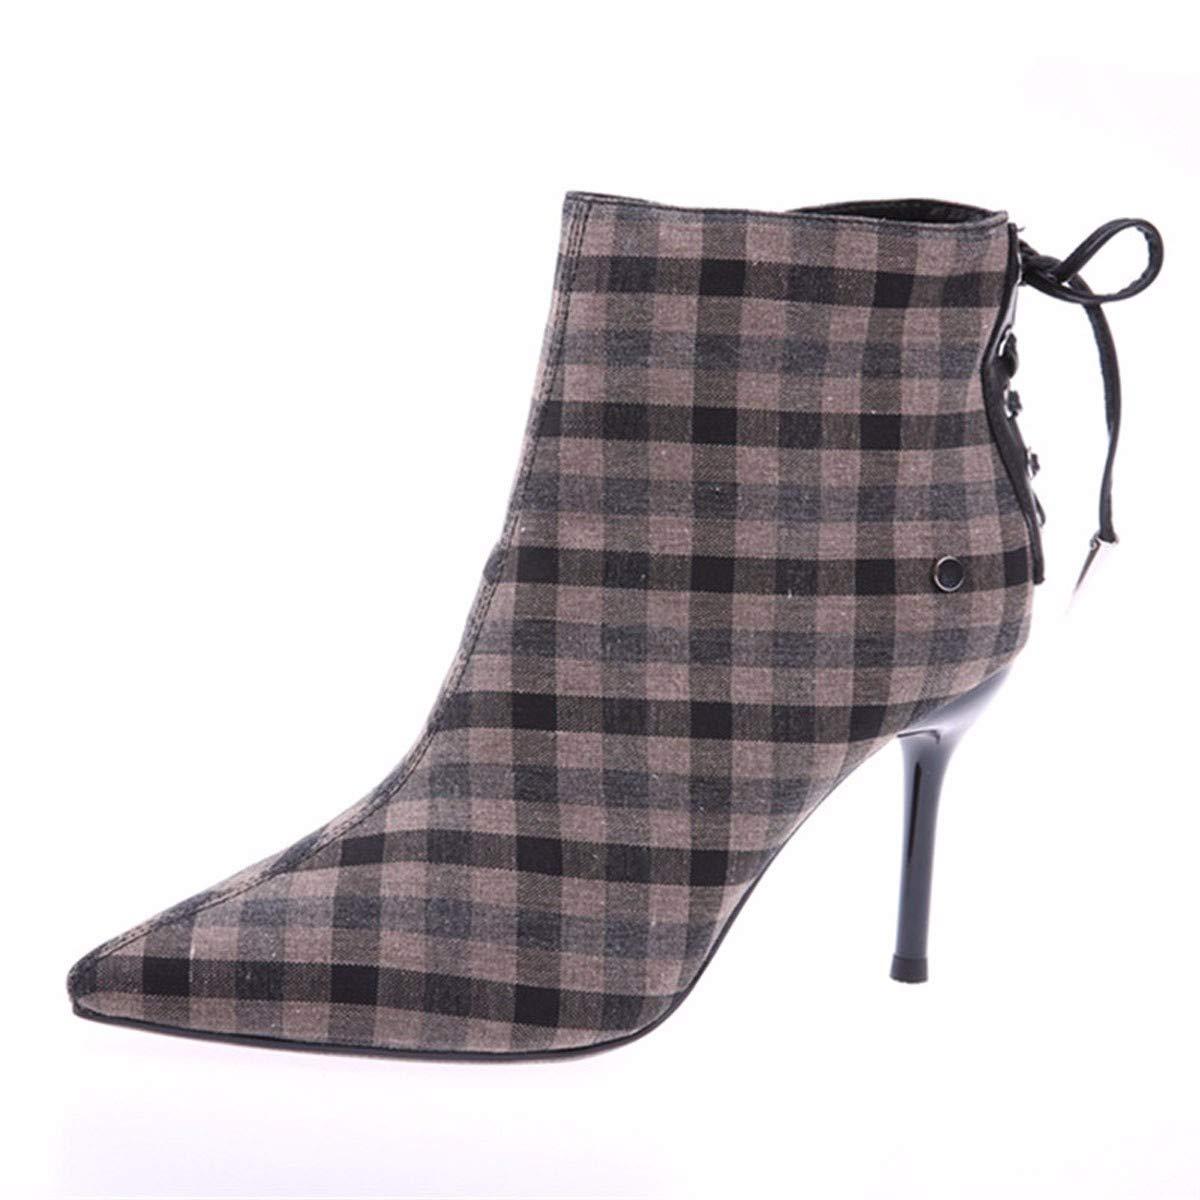 GTVERNH Frauen Schuhe/Schuhe Herbst Und Winter England Sagte Kontrollen Farbabstimmung High Heels 9Cm High Heels Pumps Stiefel Geschnürt Martin